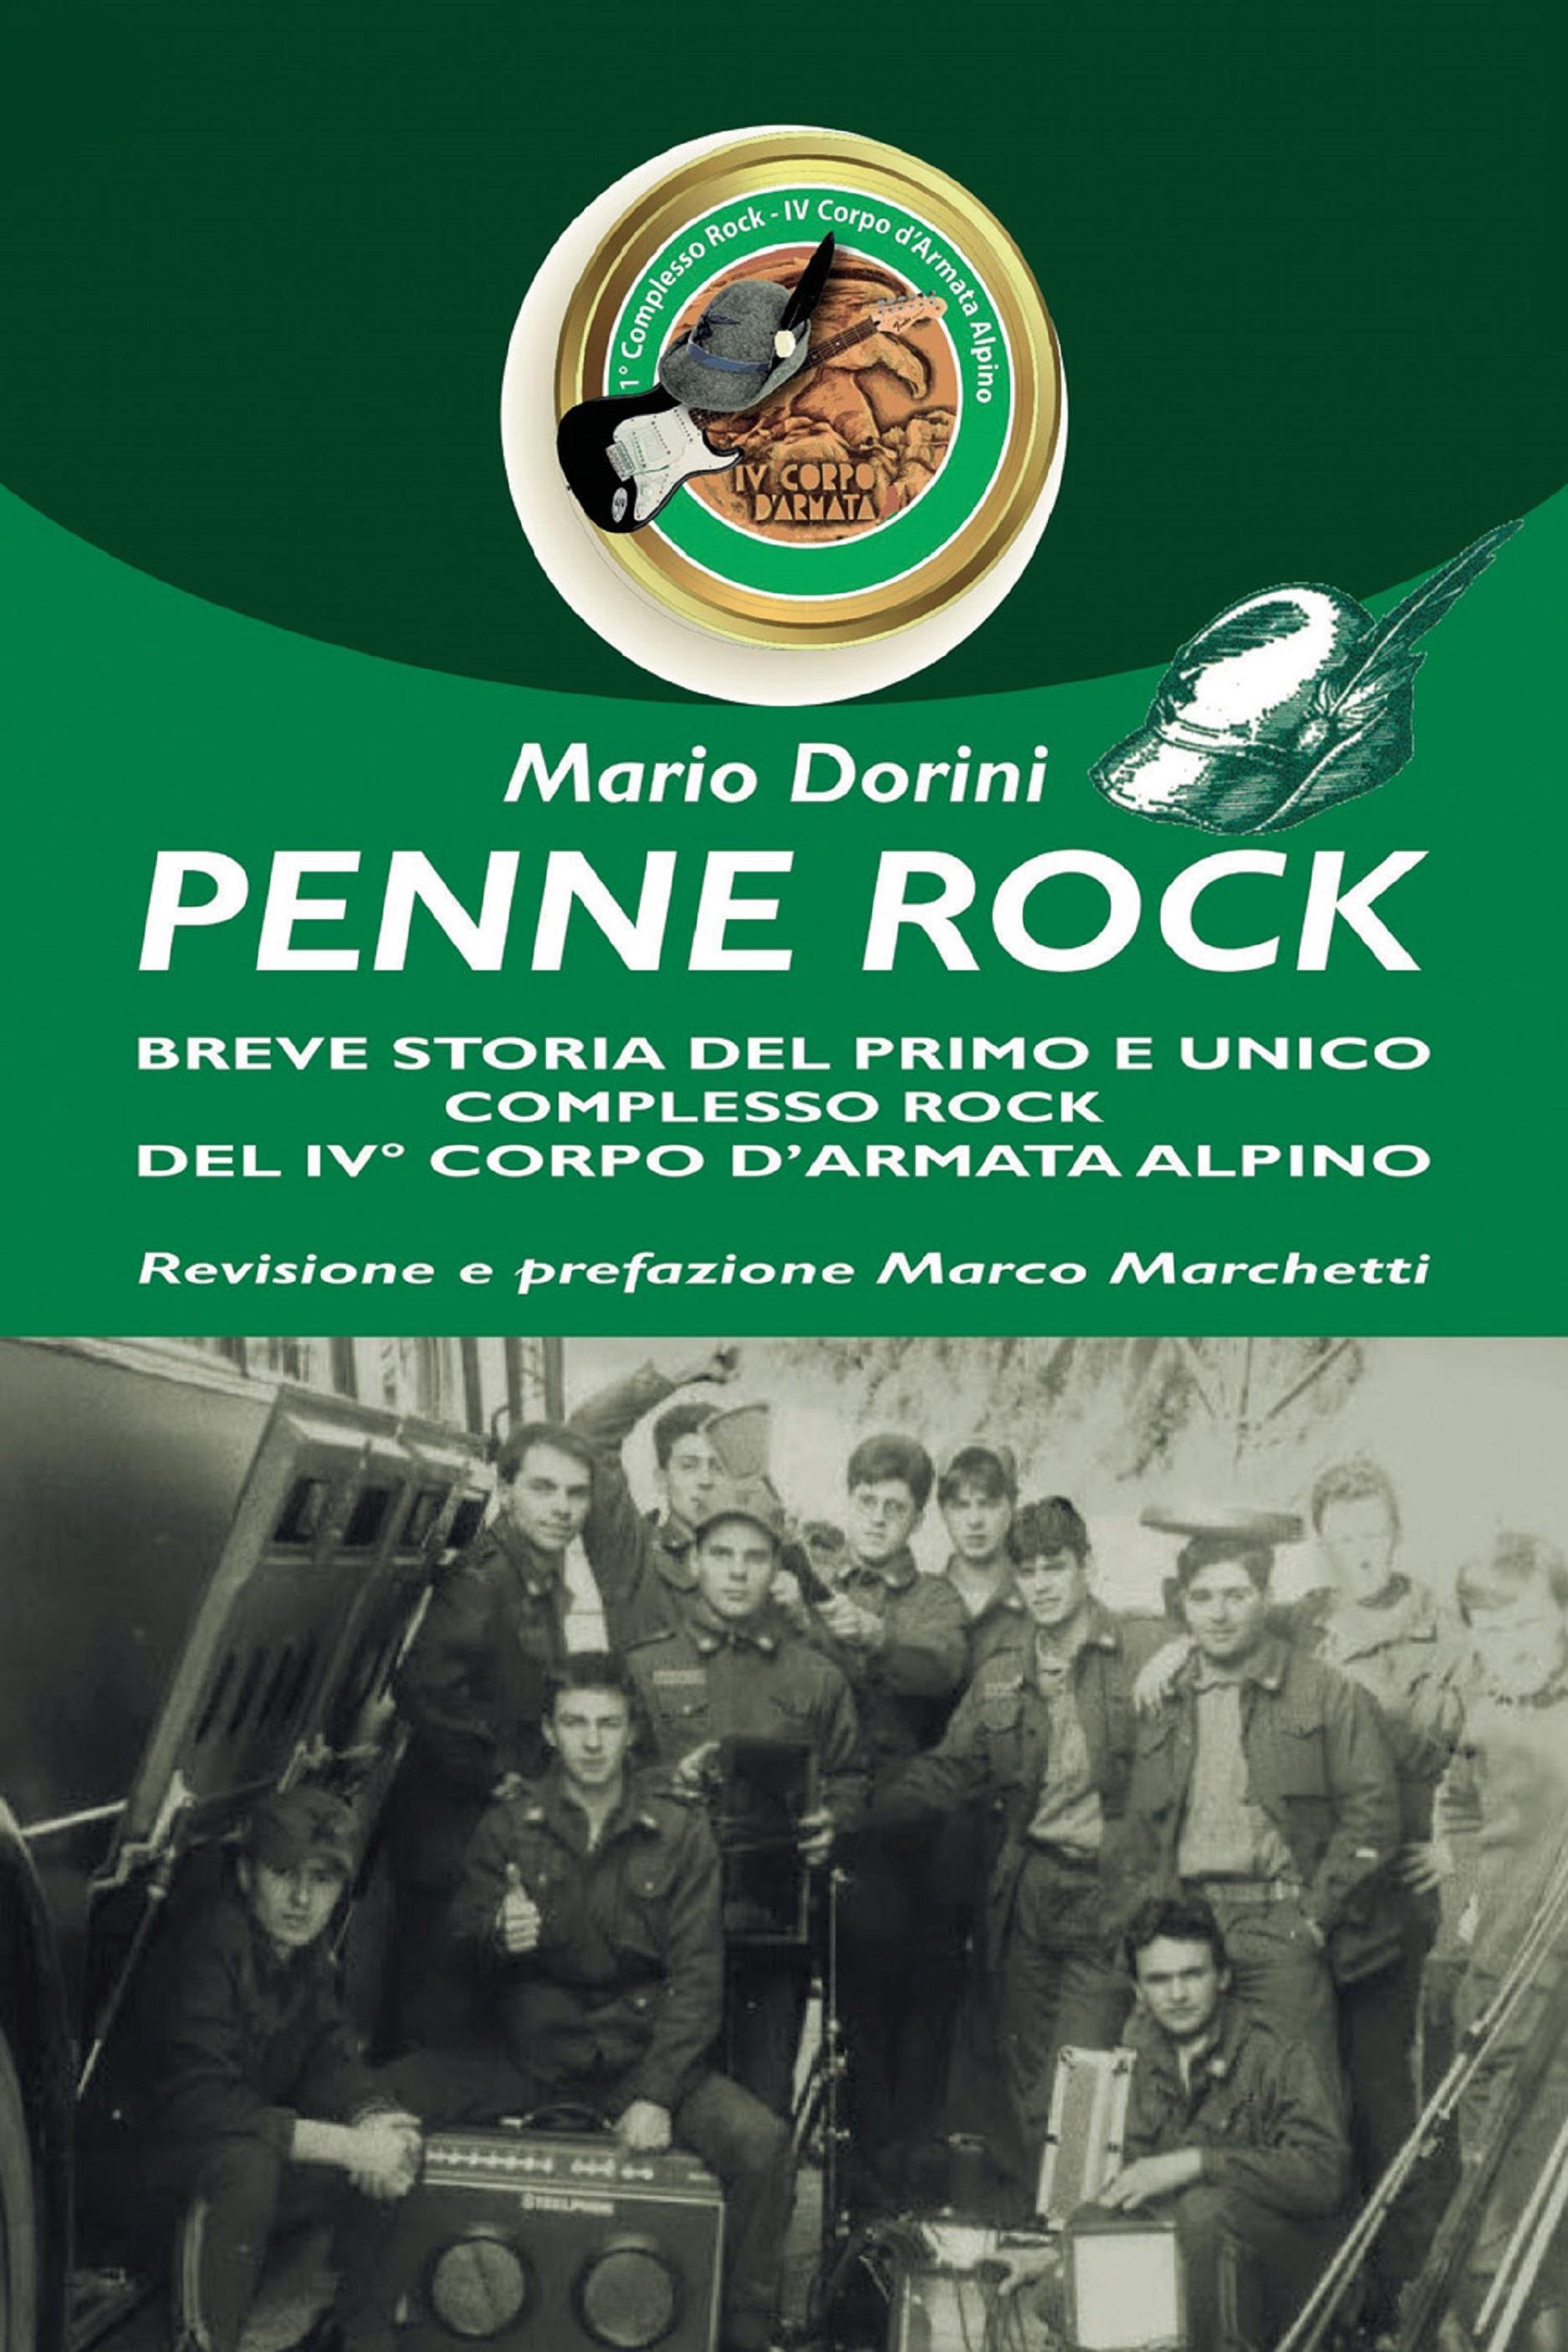 Penne Rock. Breve storia del primo e unico complesso rock del 4° corpo d'armata alpino